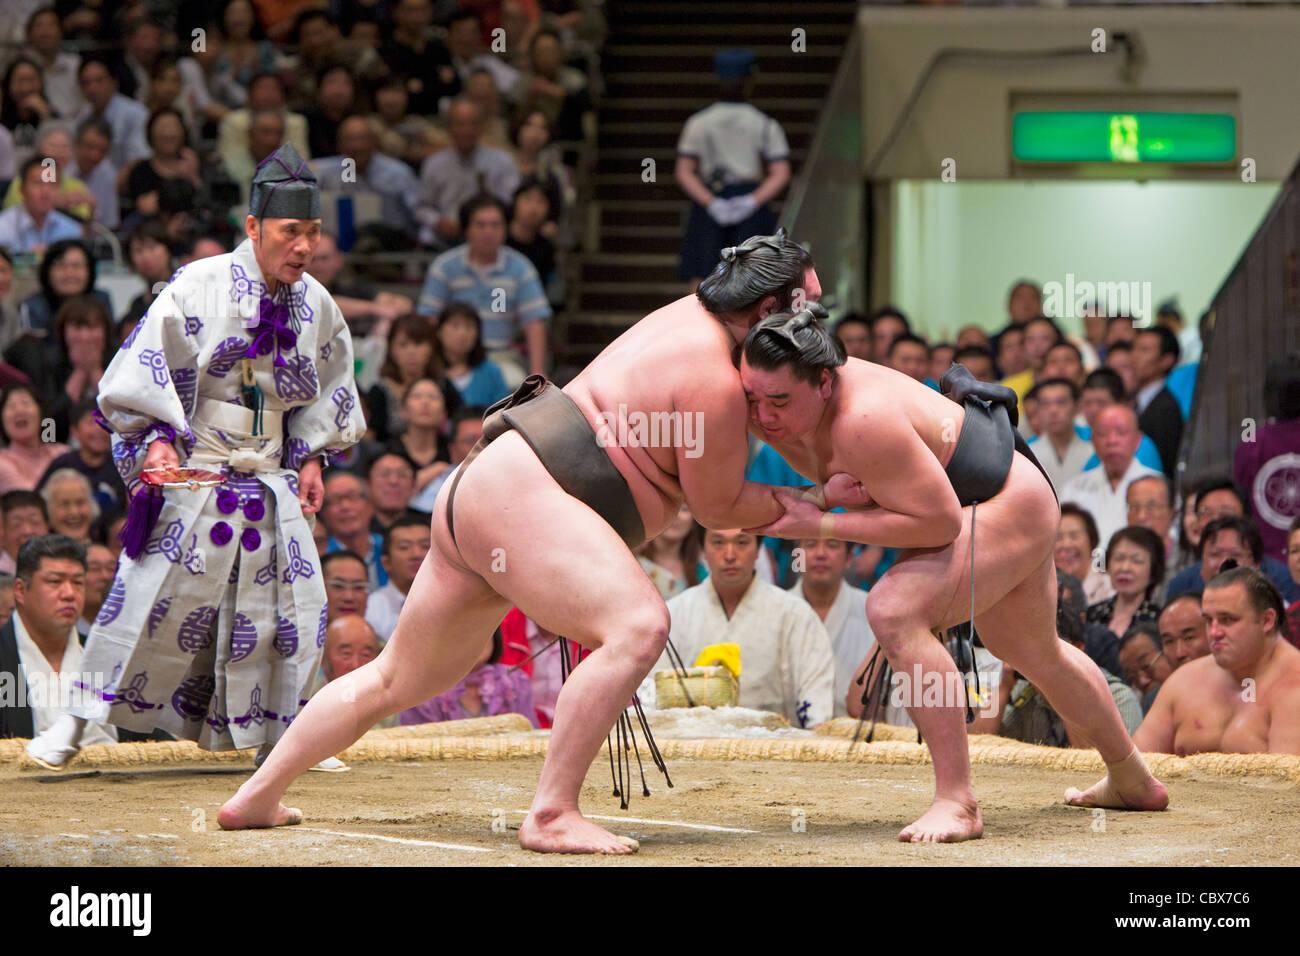 Lottatori di Sumo in un bout - ryogoku kokugikan, Tokyo, Giappone Immagini Stock